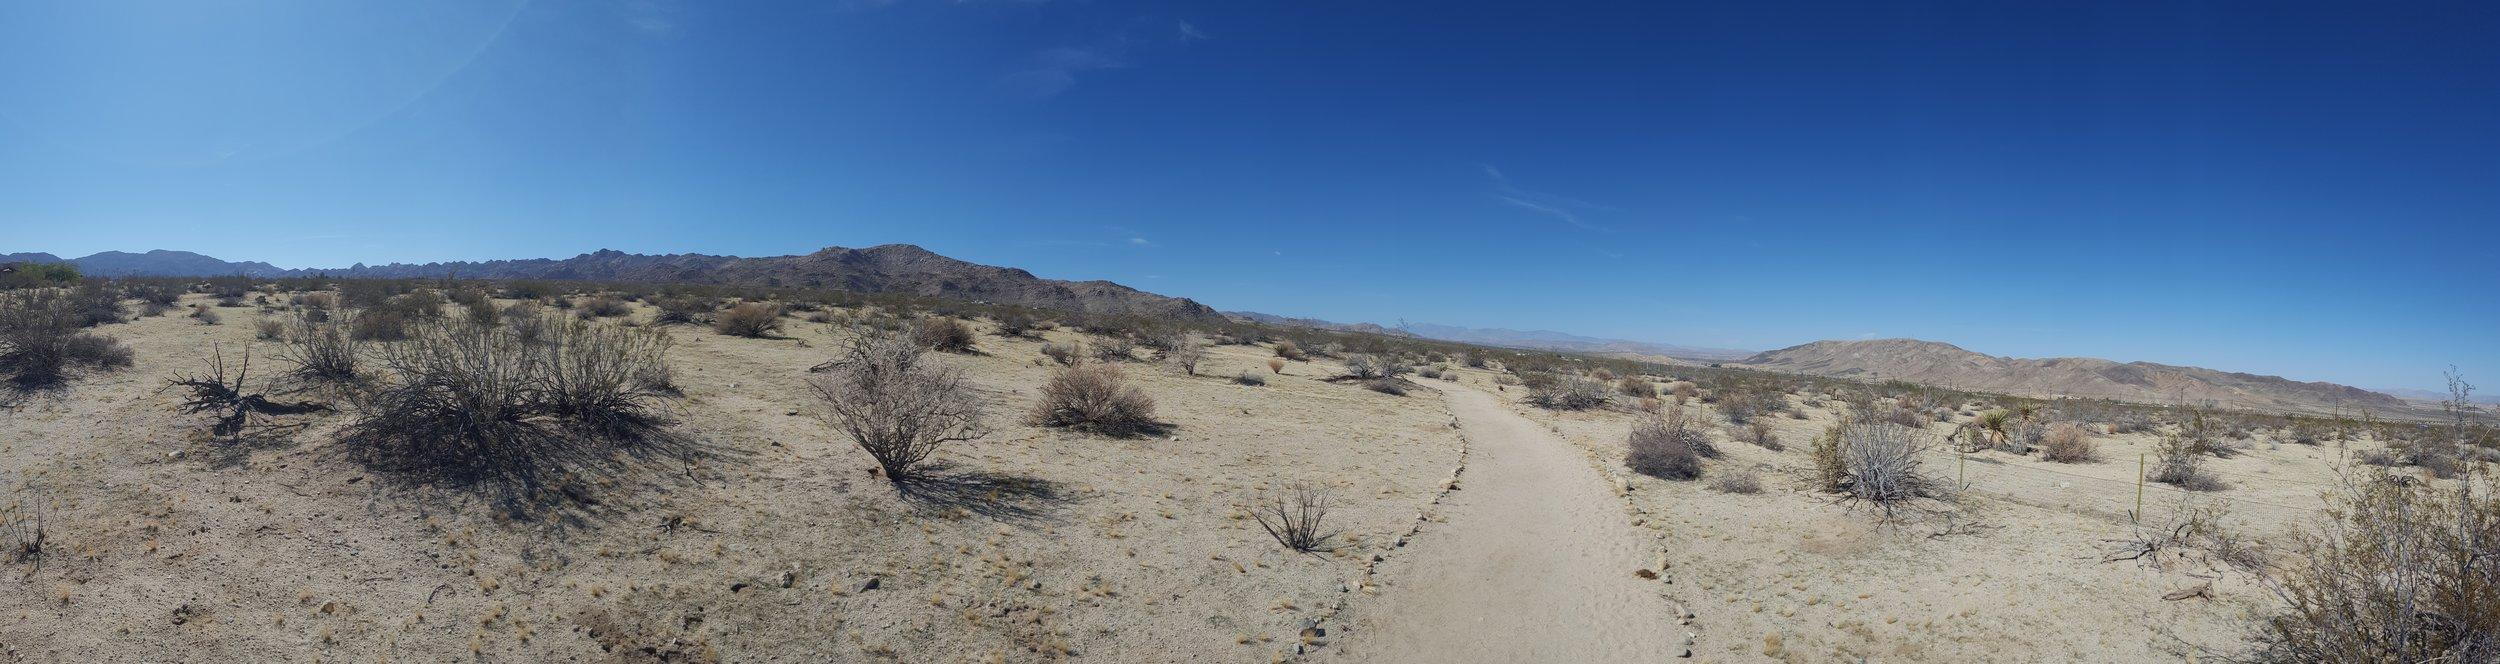 """""""The Long, Winding Road"""" - Southern California Vipassana Center Trail, Joshua Tree, CA"""